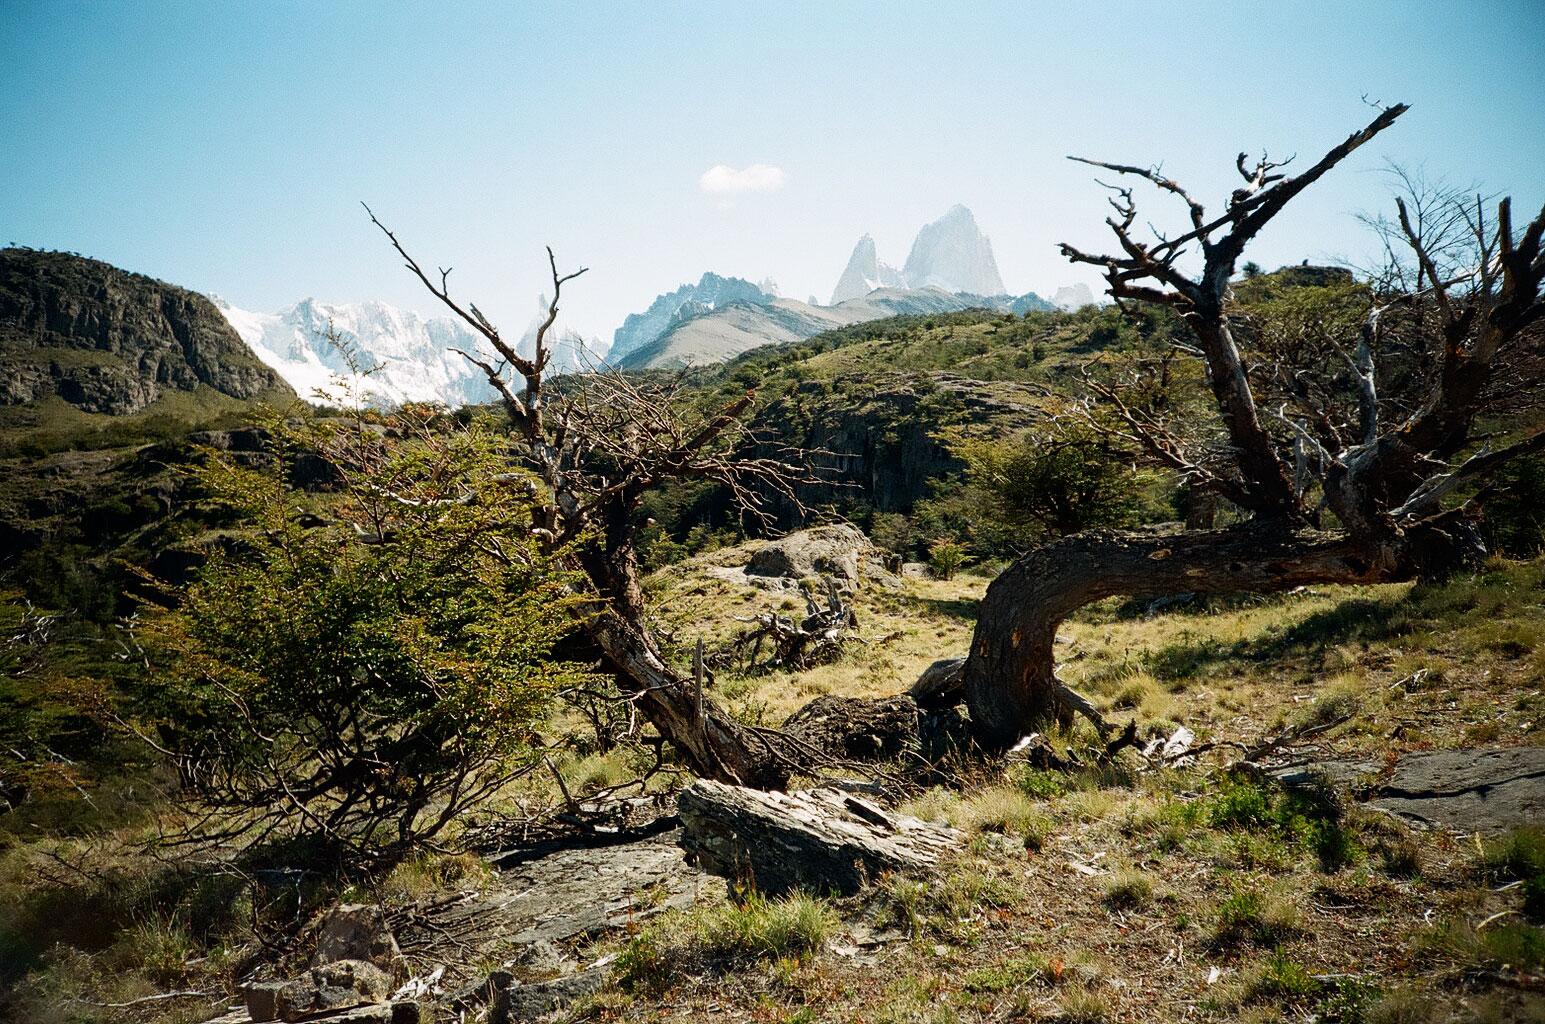 Bei einer Wanderung am Fuße des Fitz Roy, auch Cerro Chaltén genannt, eröffnen sich immer wieder atemberaubende Aussichten. Foto: Lothar Ruttner